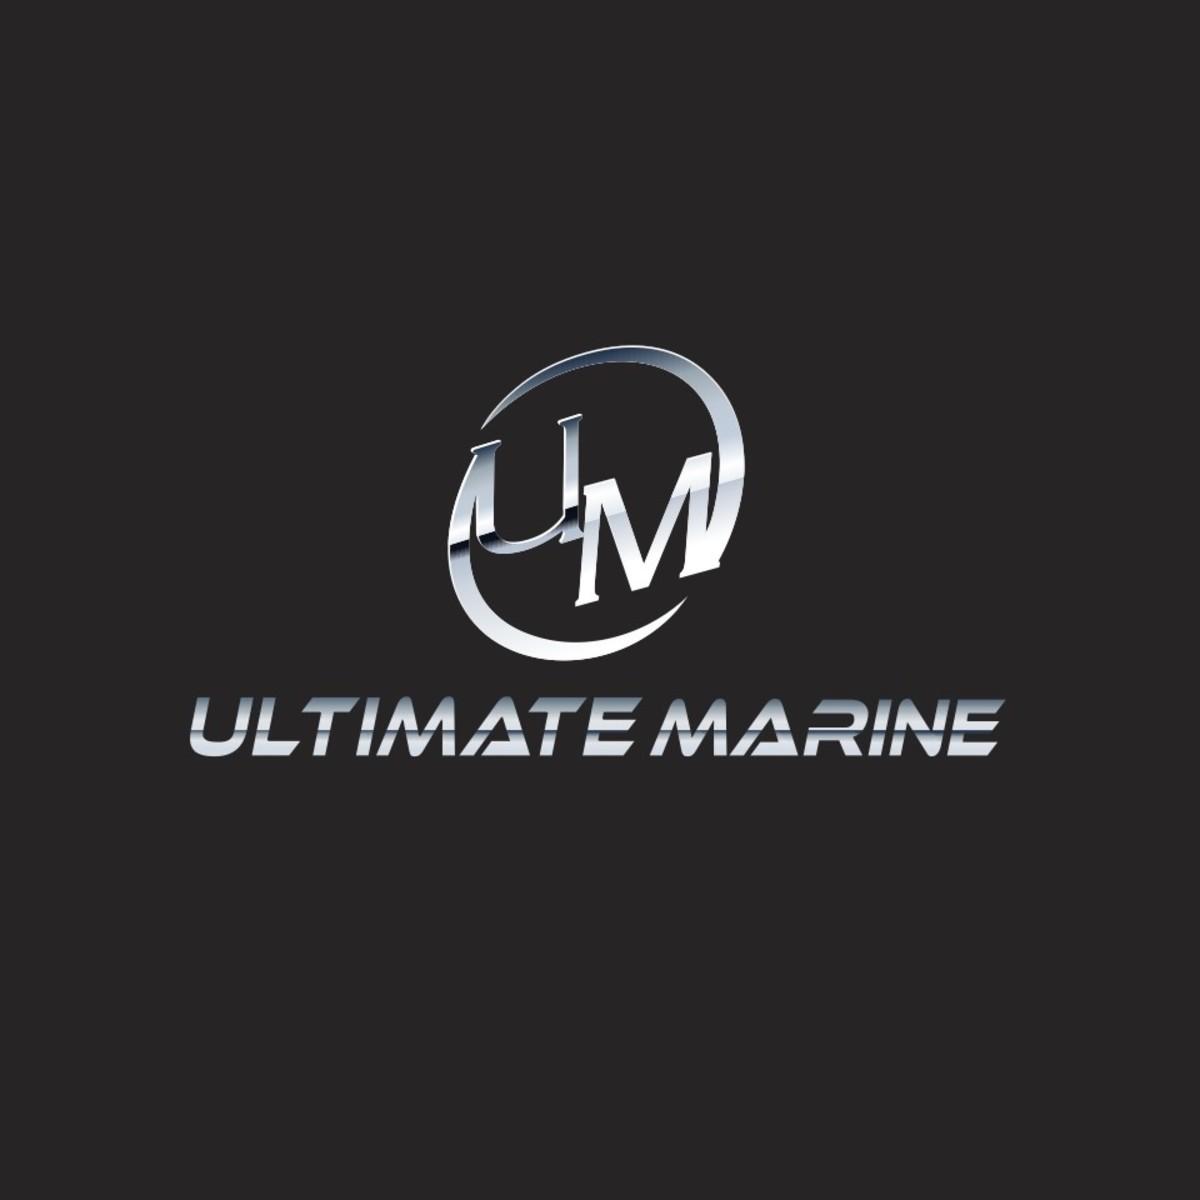 Ultimate Marine